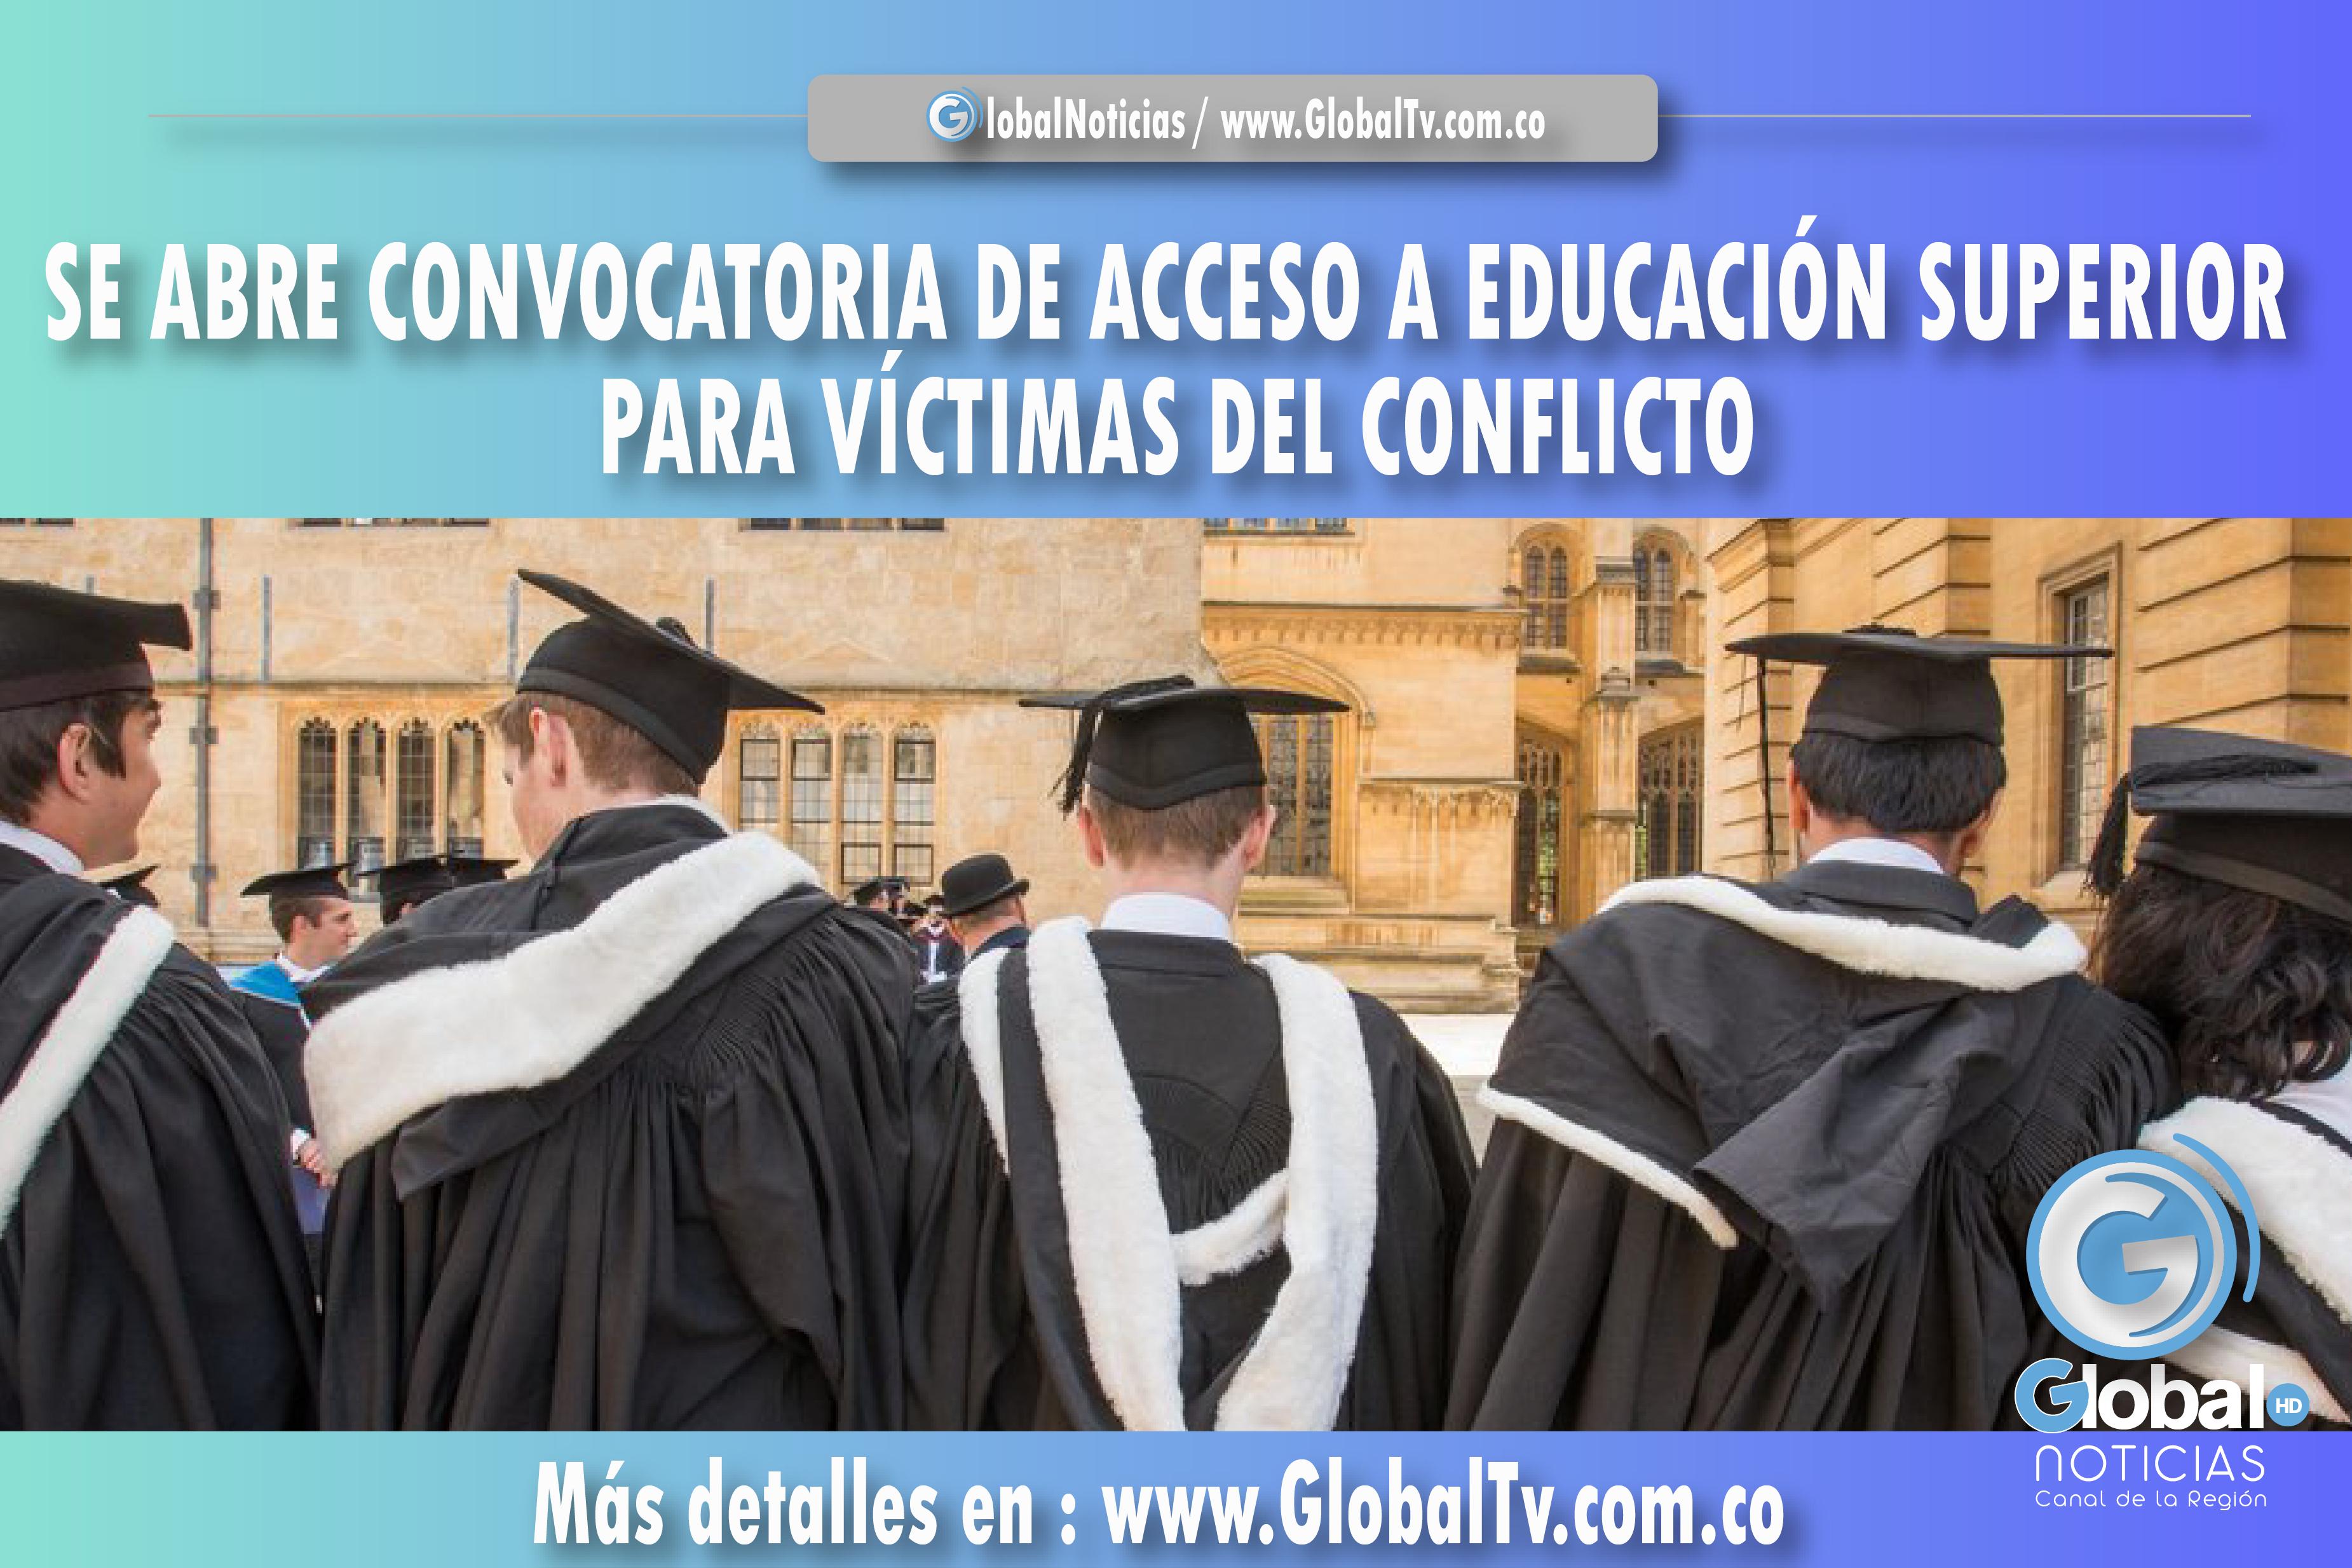 SE ABRE CONVOCATORIA DE ACCESO A EDUCACIÓN SUPERIOR PARA VÍCTIMAS DEL CONFLICTO